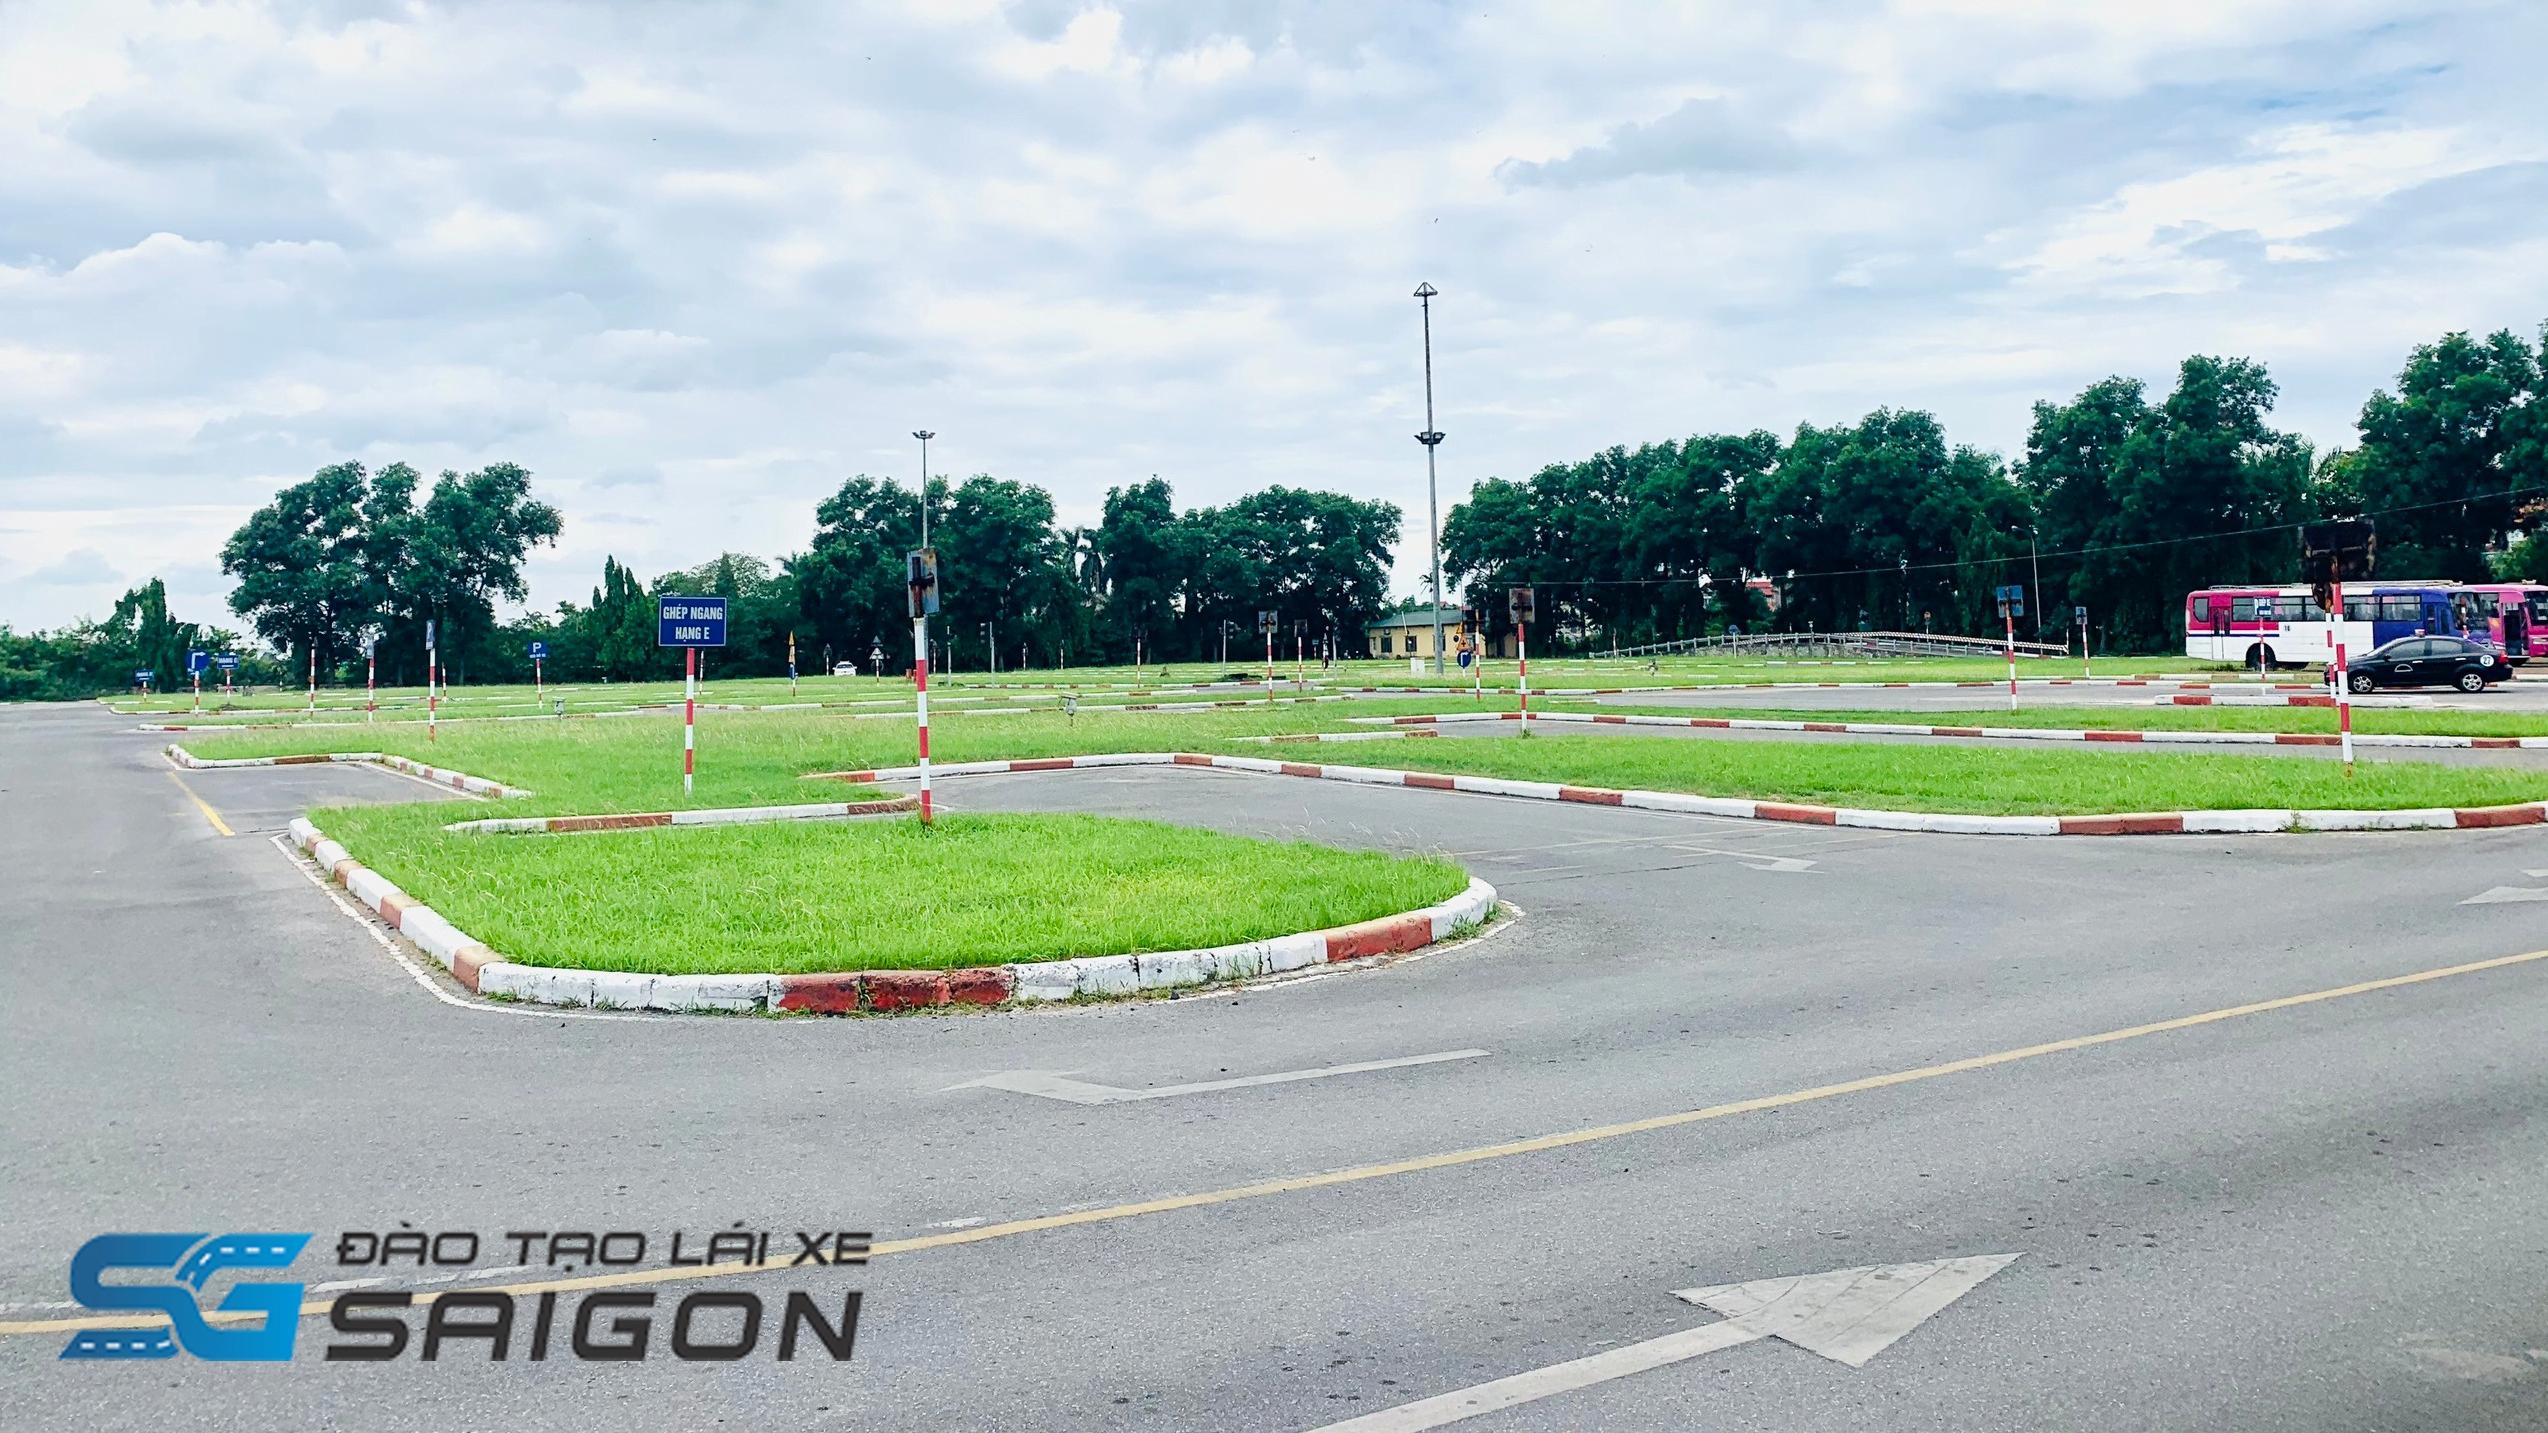 Hướng đến nhu cầu cần thiết này, dưới đây chúng tôi đã tổng hợp top 5 trung tâm đào tạo học lái xe ô tô B2 ở tại Biên Hoà, Bình Dương, Dĩ An để bạn đọc cùng tham khảo.